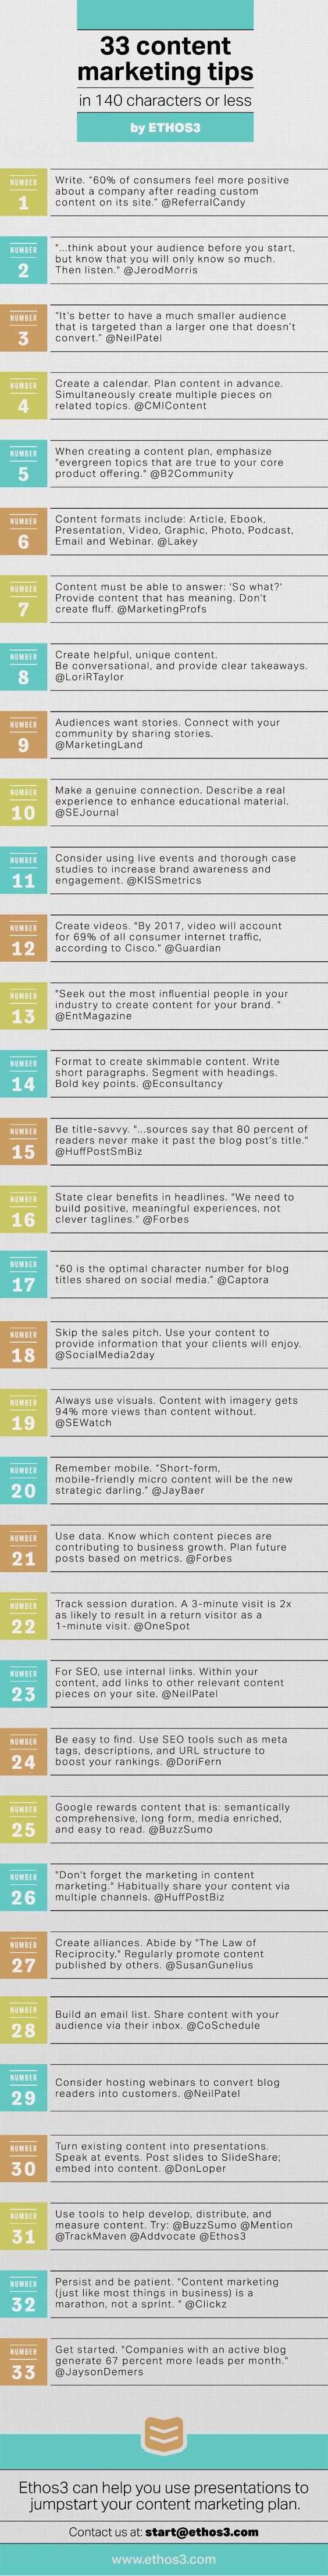 33 consejos sobre marketing de contenidos en 140 caracteres o menos.